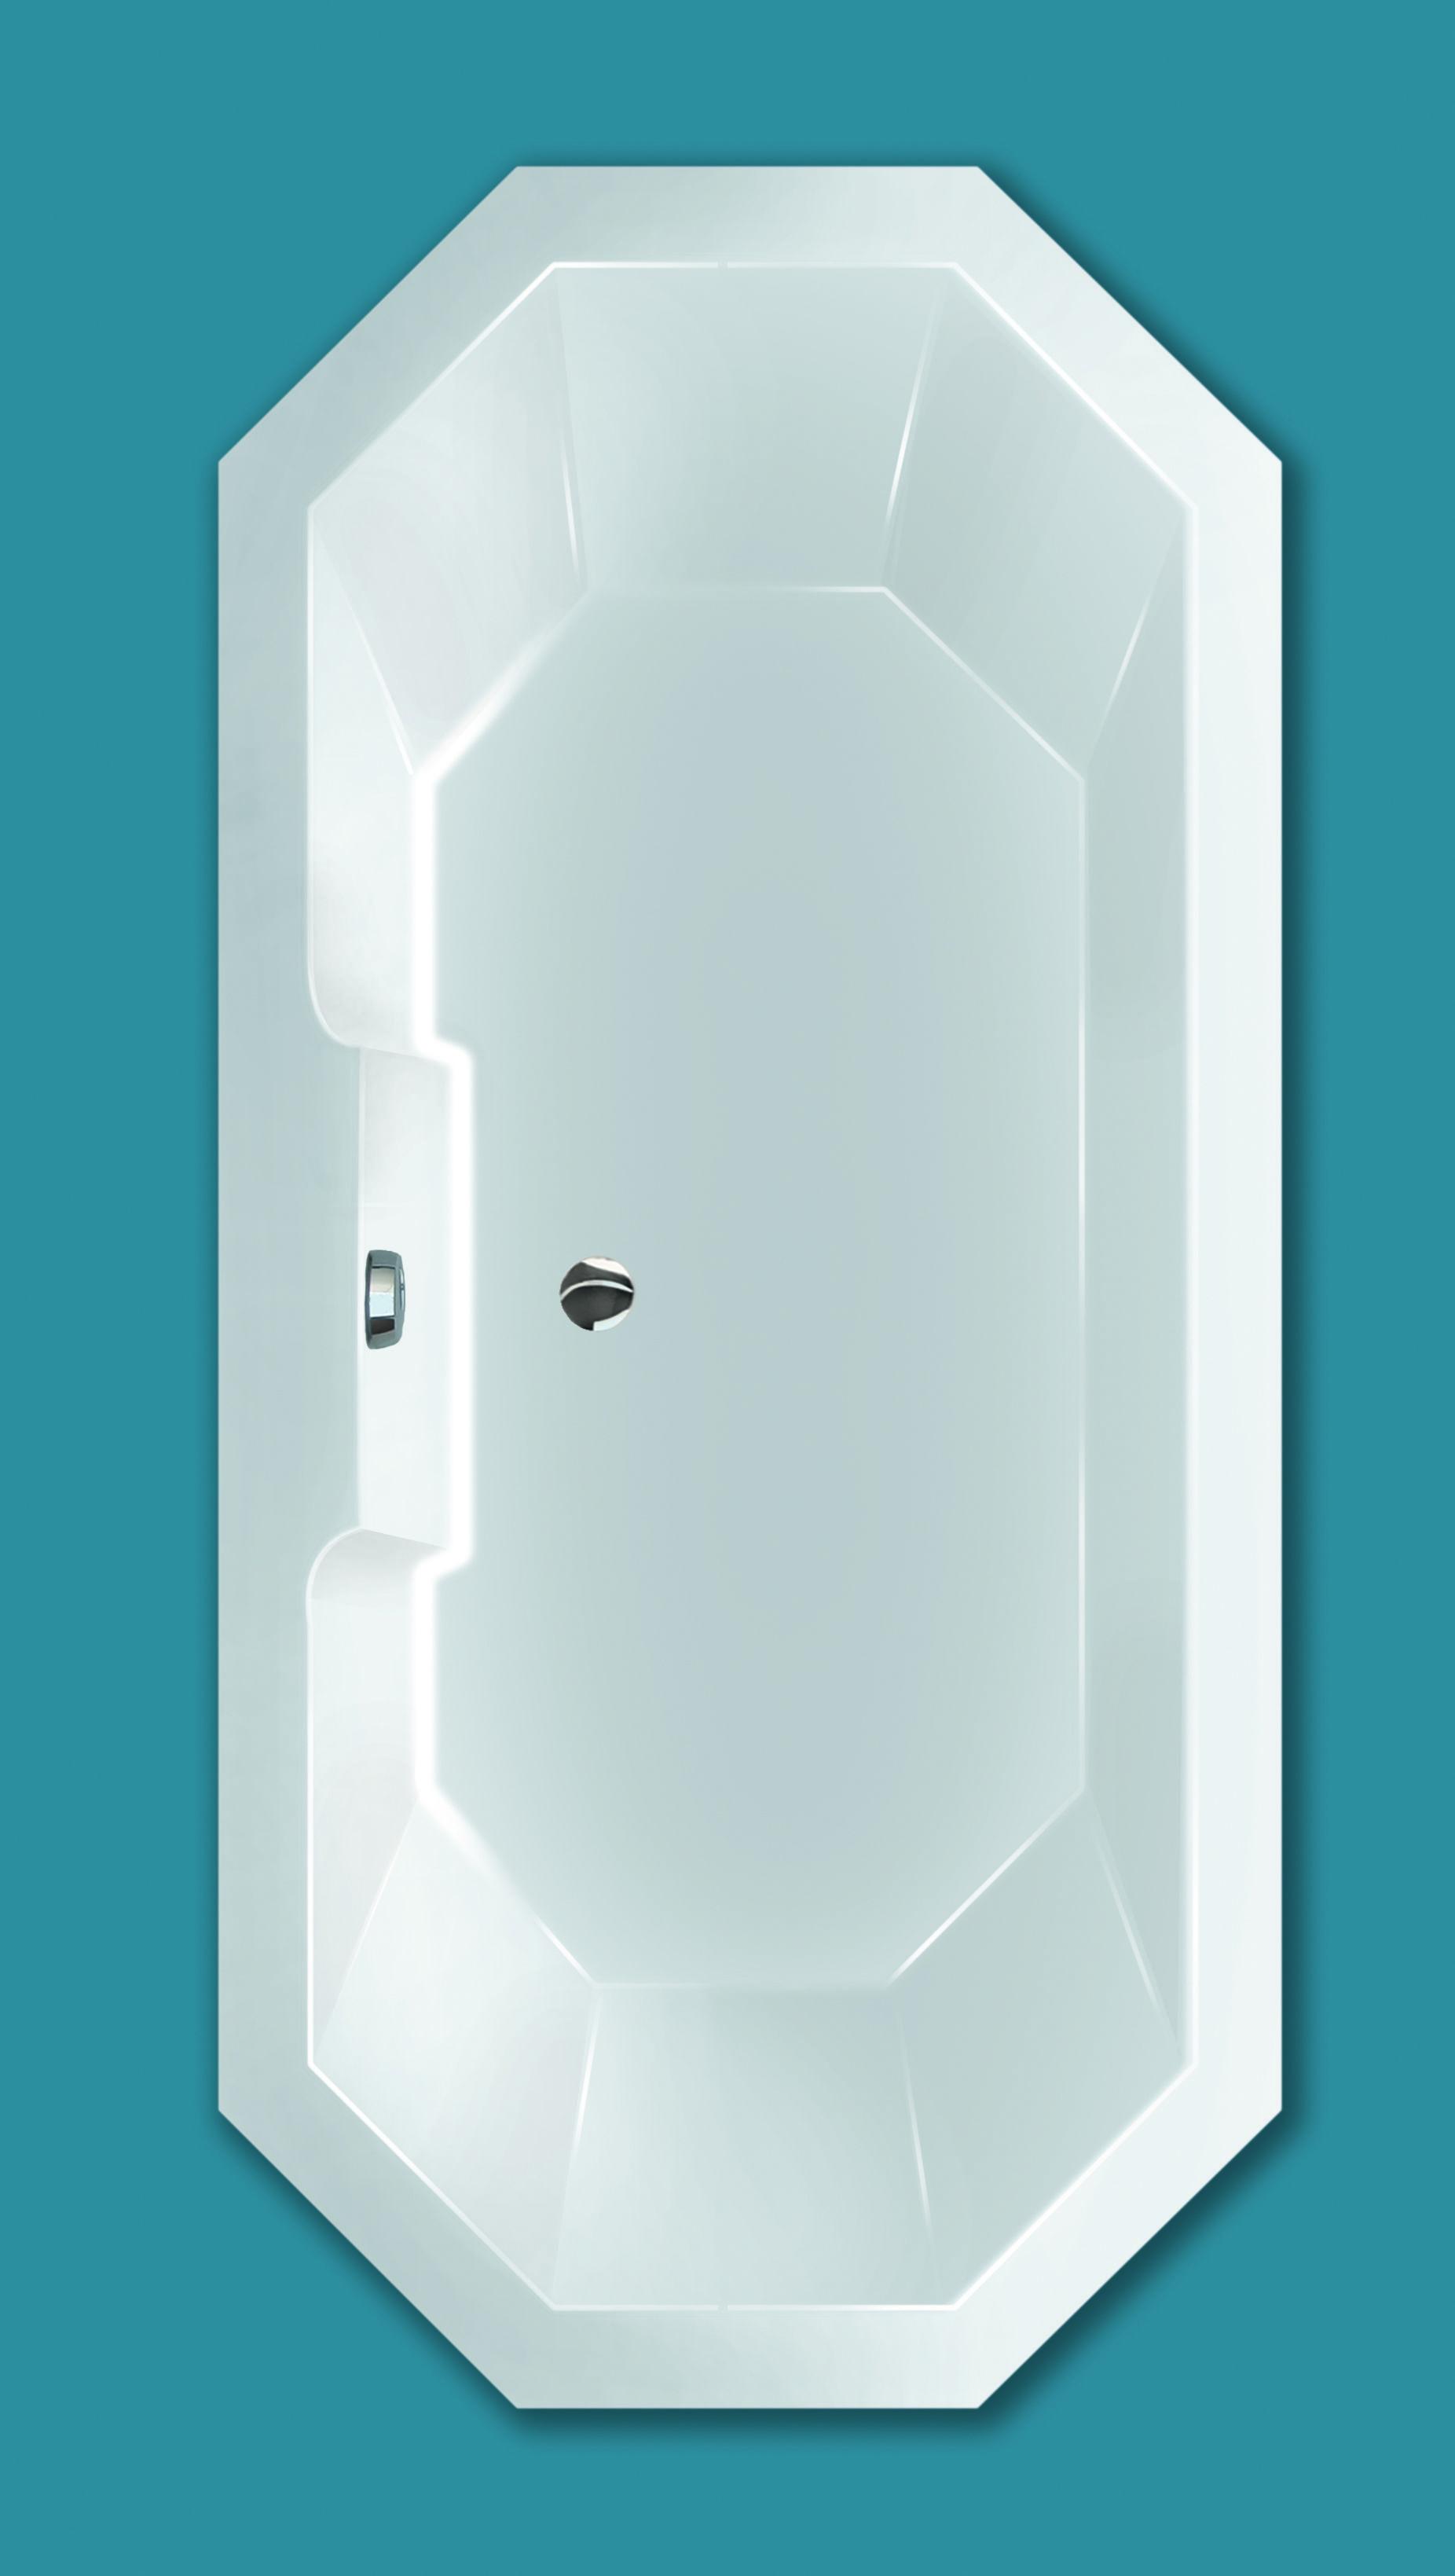 Xenz Sumba badkuip 190x90x45cm bahama beige